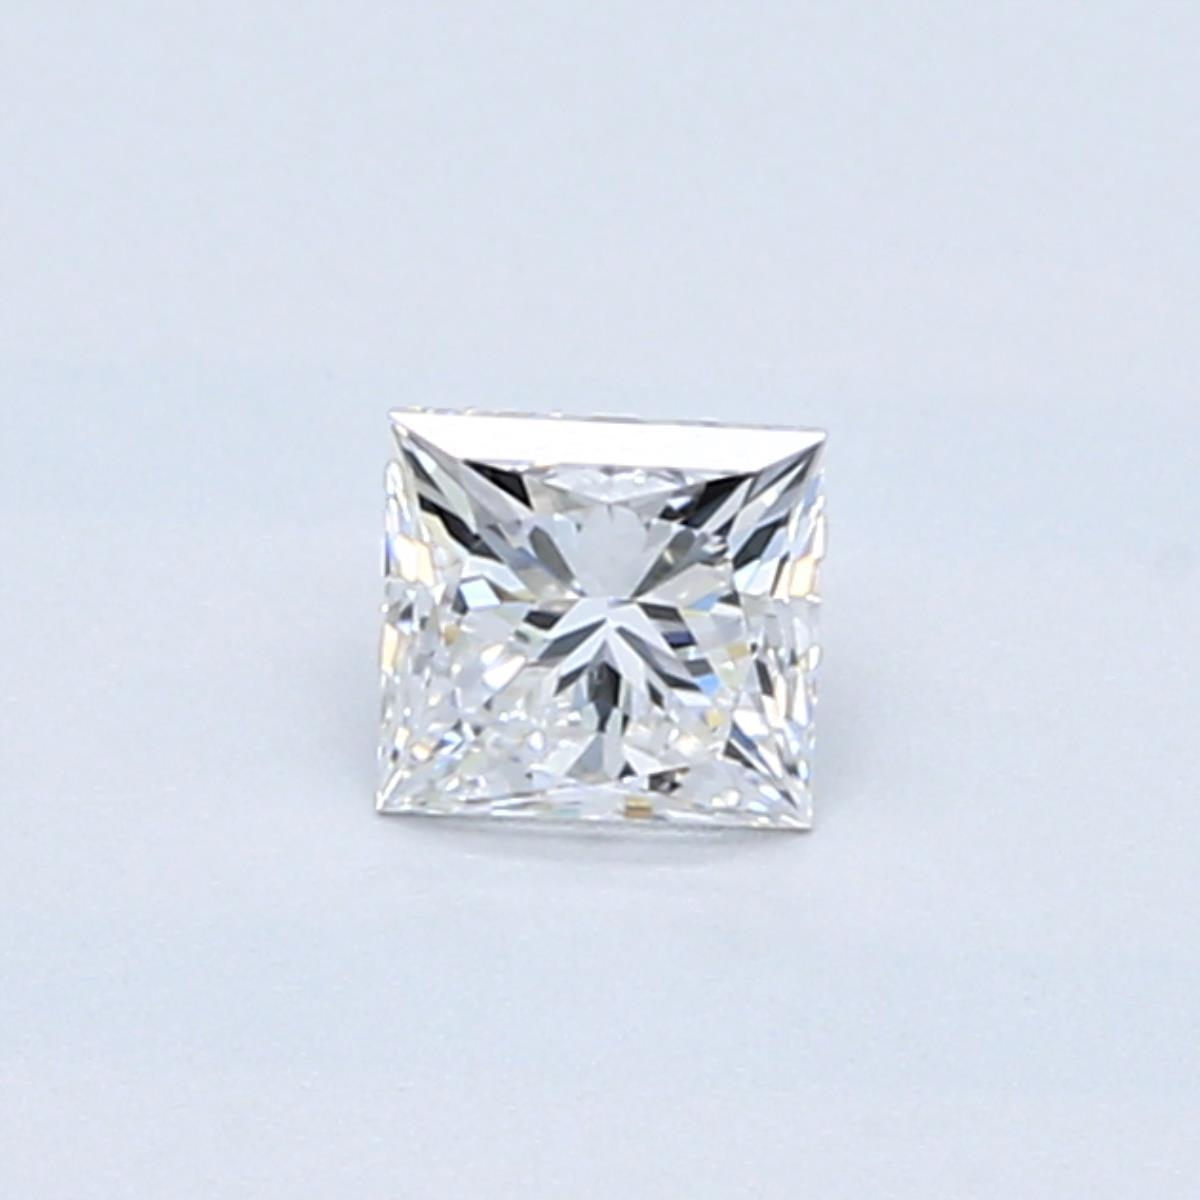 0.41 PR Diamond (D, VS1)